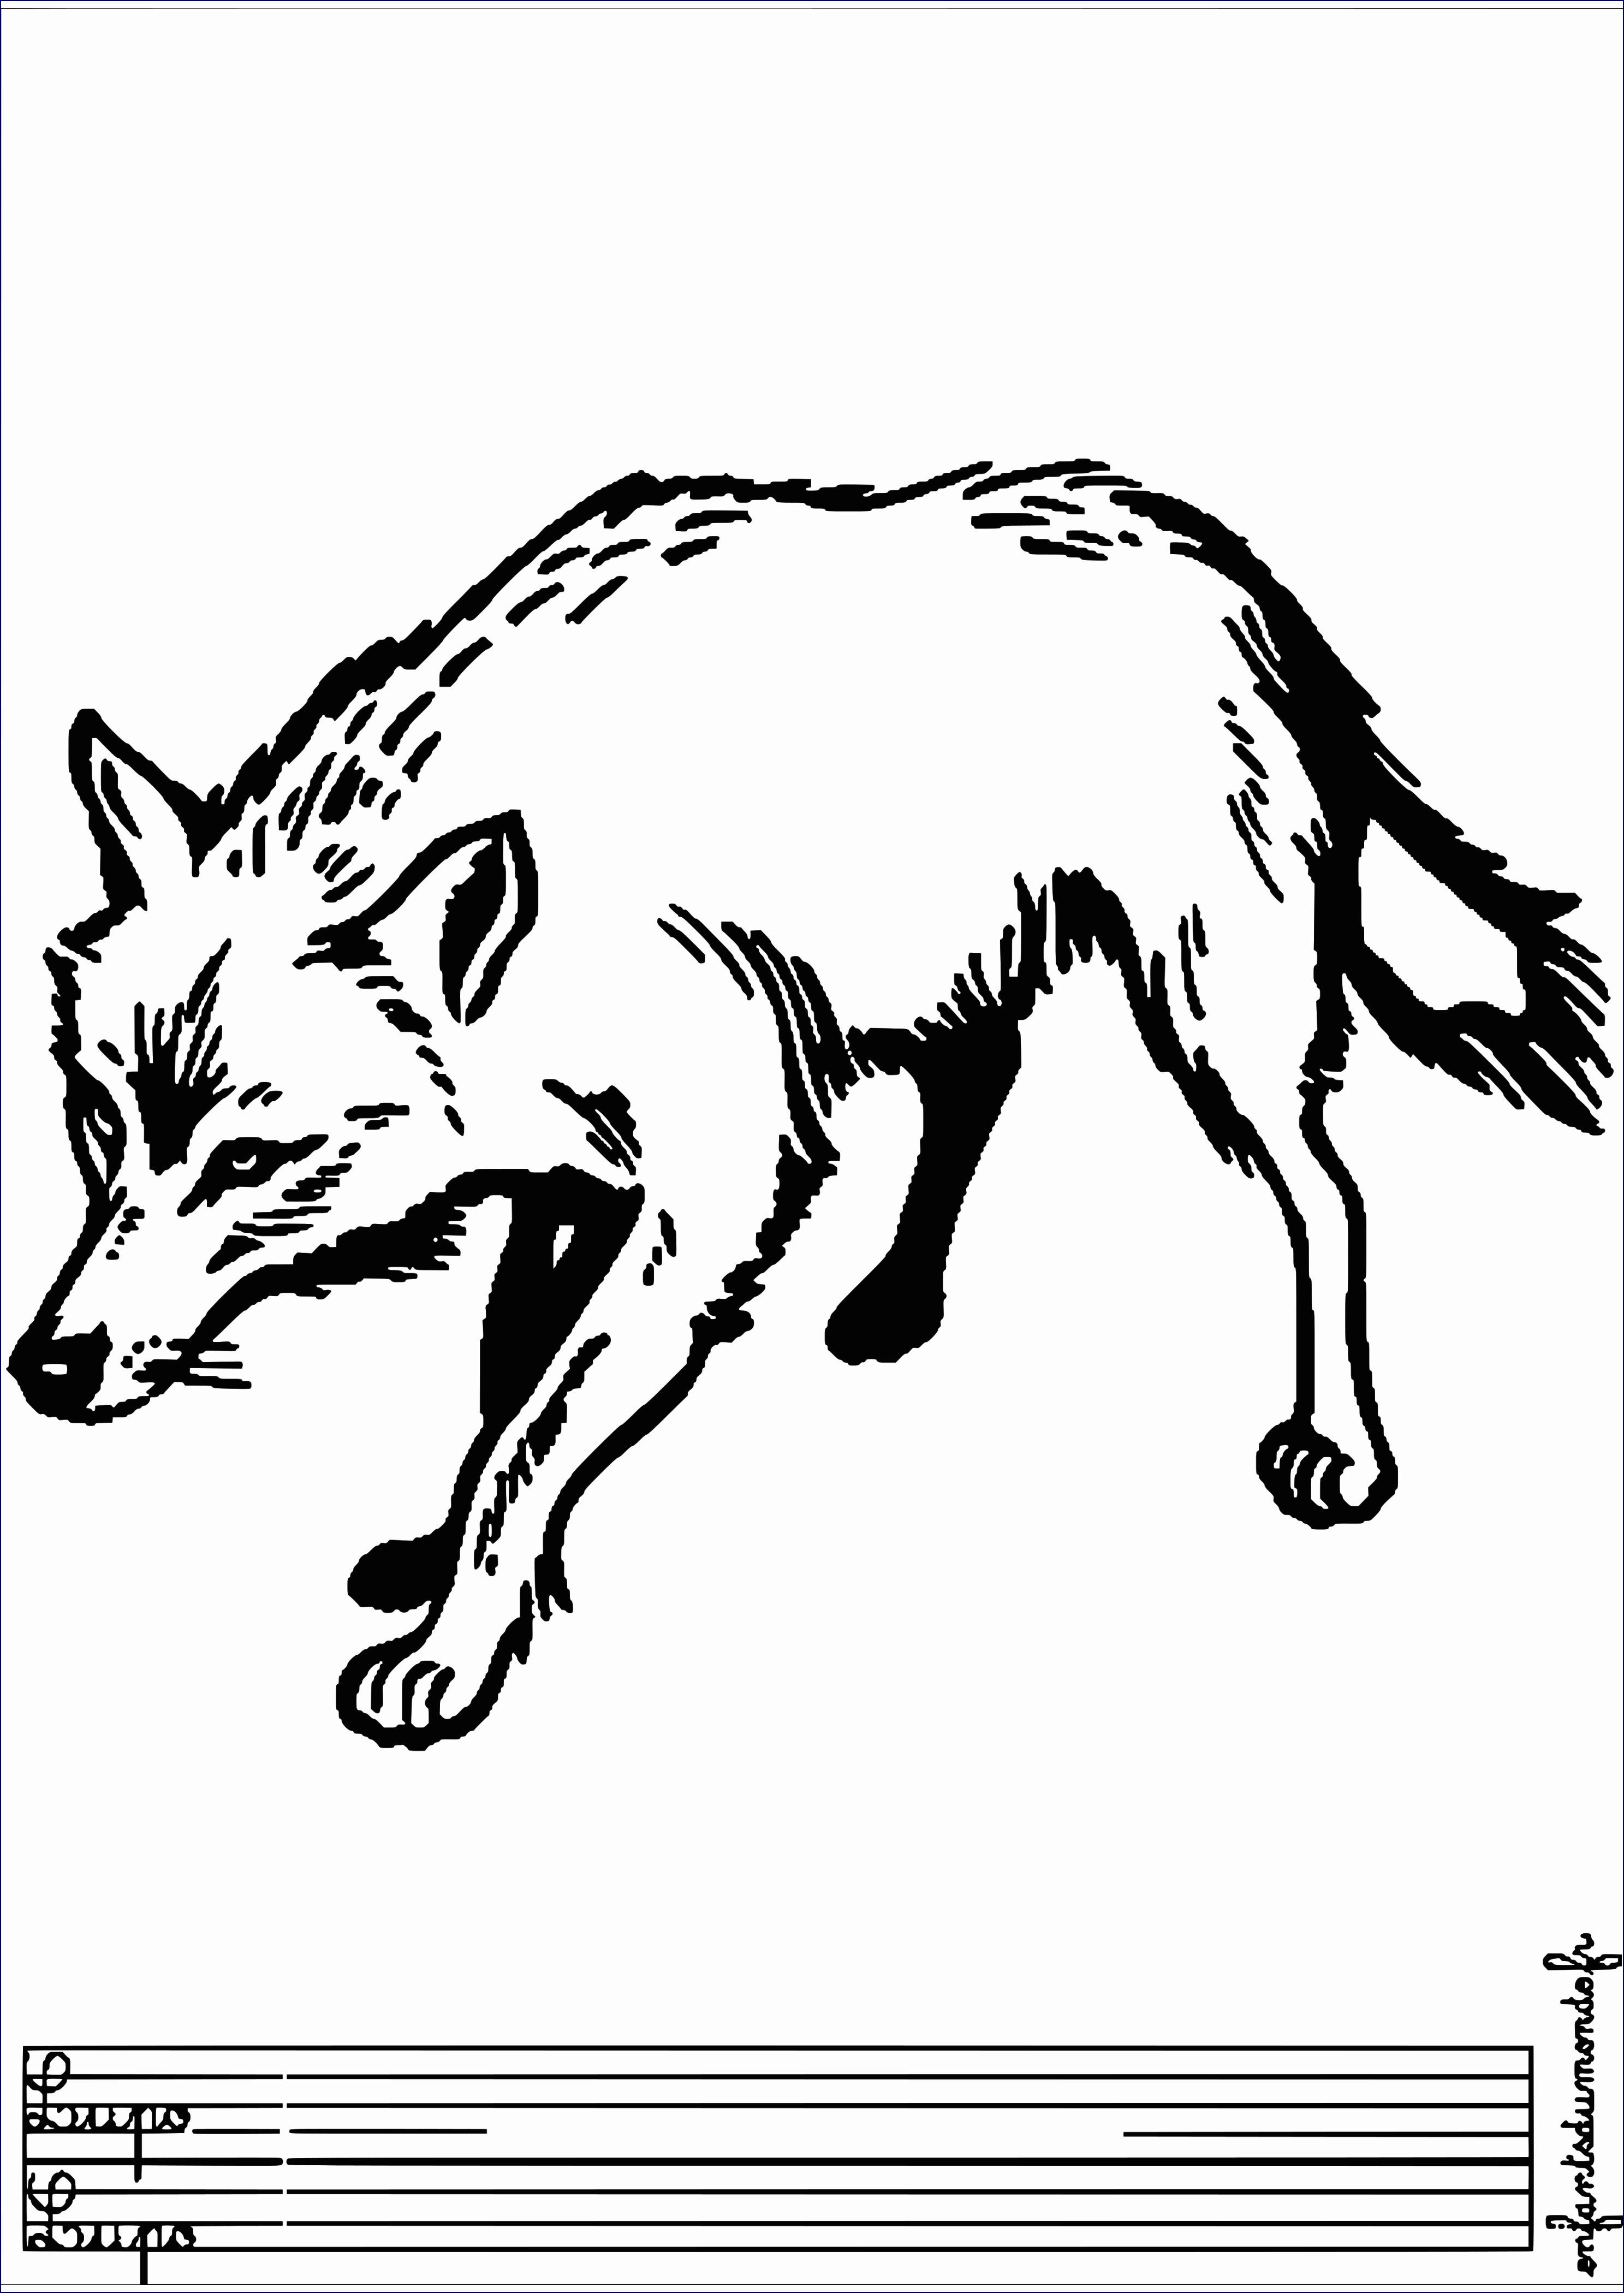 Tierbilder Zum Ausmalen Und Ausdrucken Neu Wolfsbilder Zum Ausdrucken Elegant Einladungskarten Bilder Einladung Fotografieren